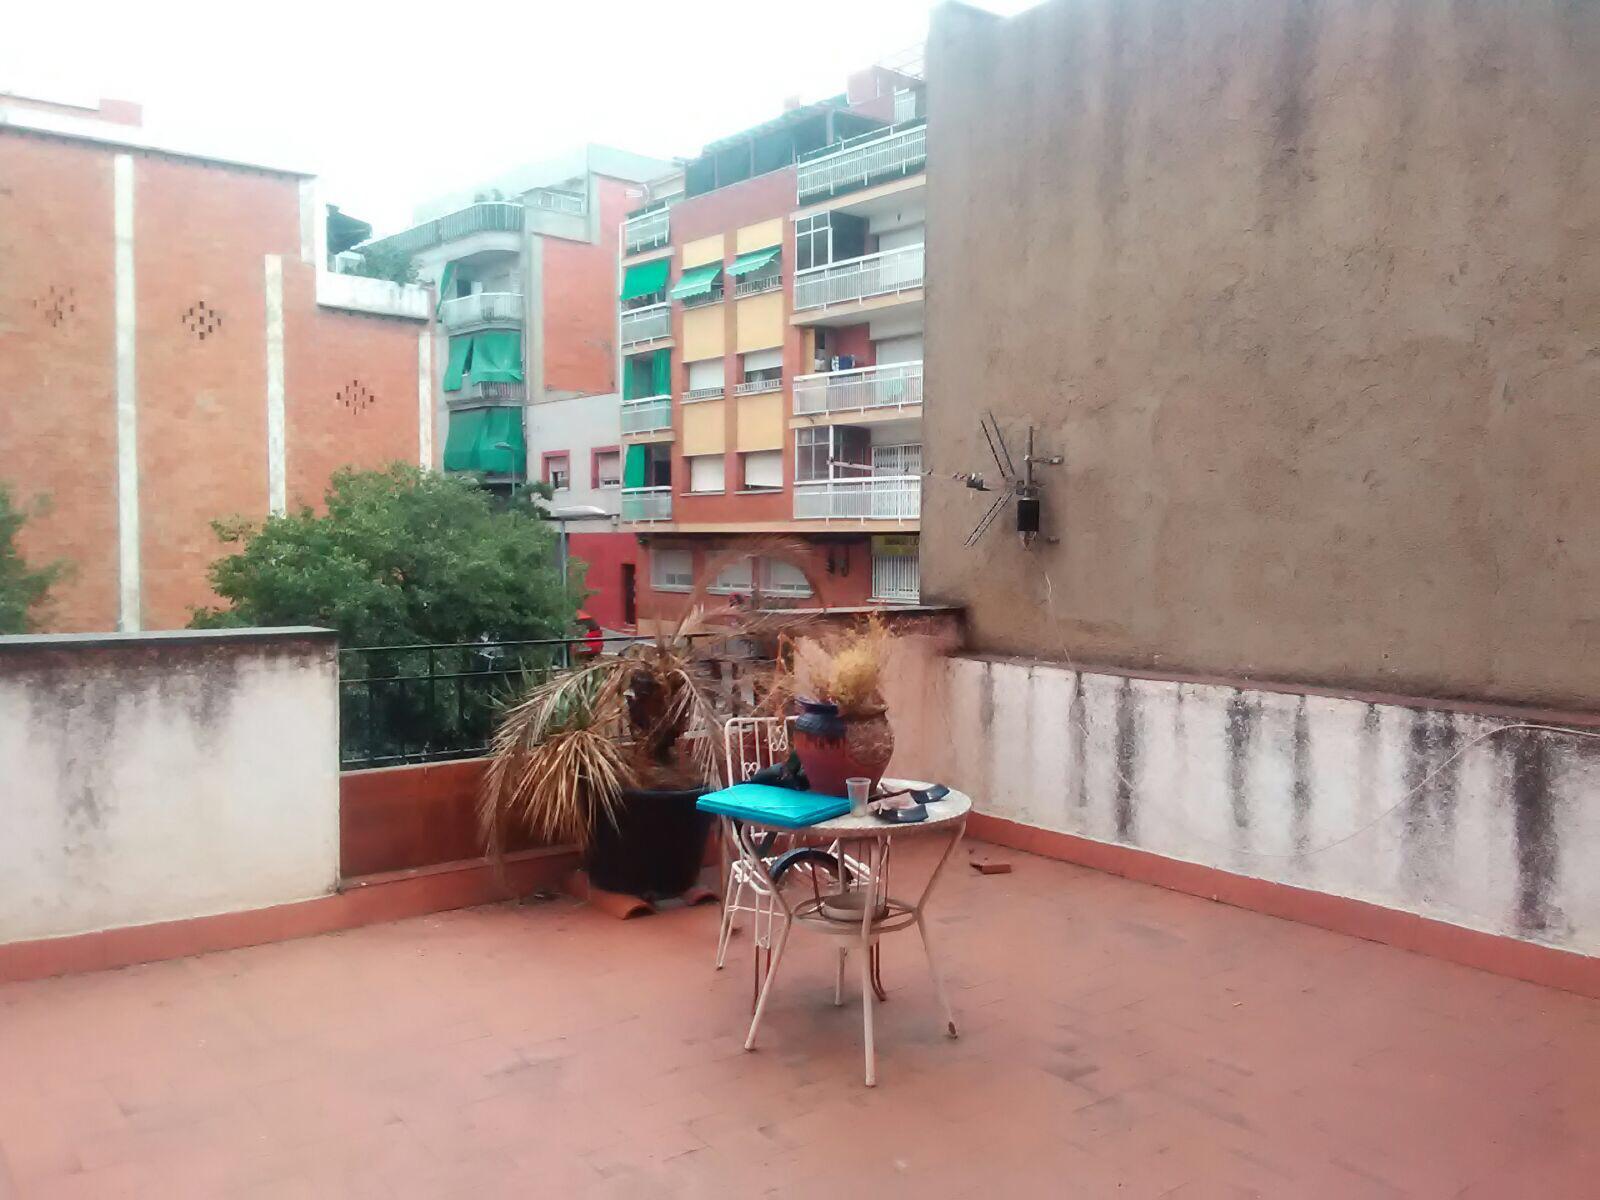 Imagen 3 Casa en venta en Badalona / A 5 minutos del metro de la Salut L10.